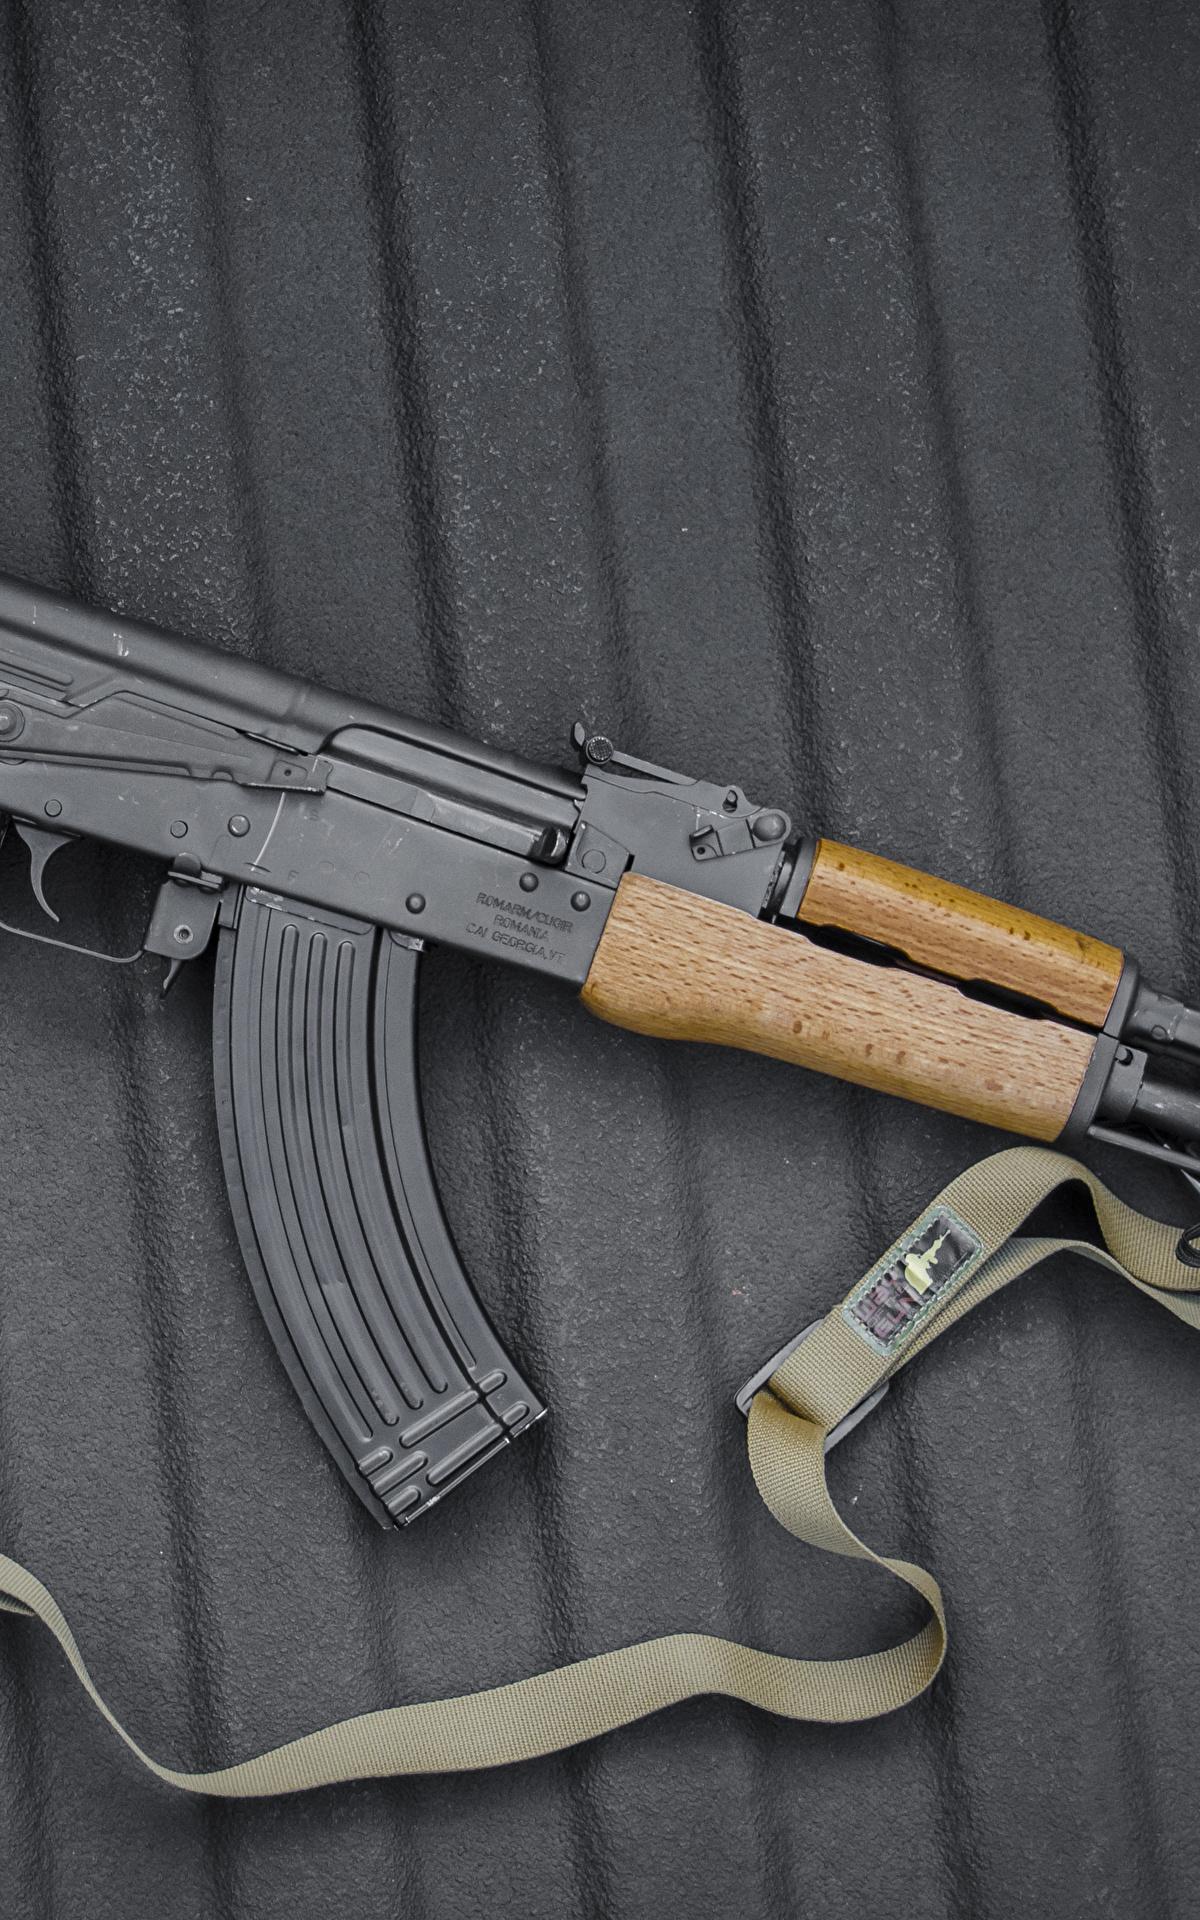 Fotos AK 47 Sturmgewehr Russische Heer 1200x1920 Kalaschnikow